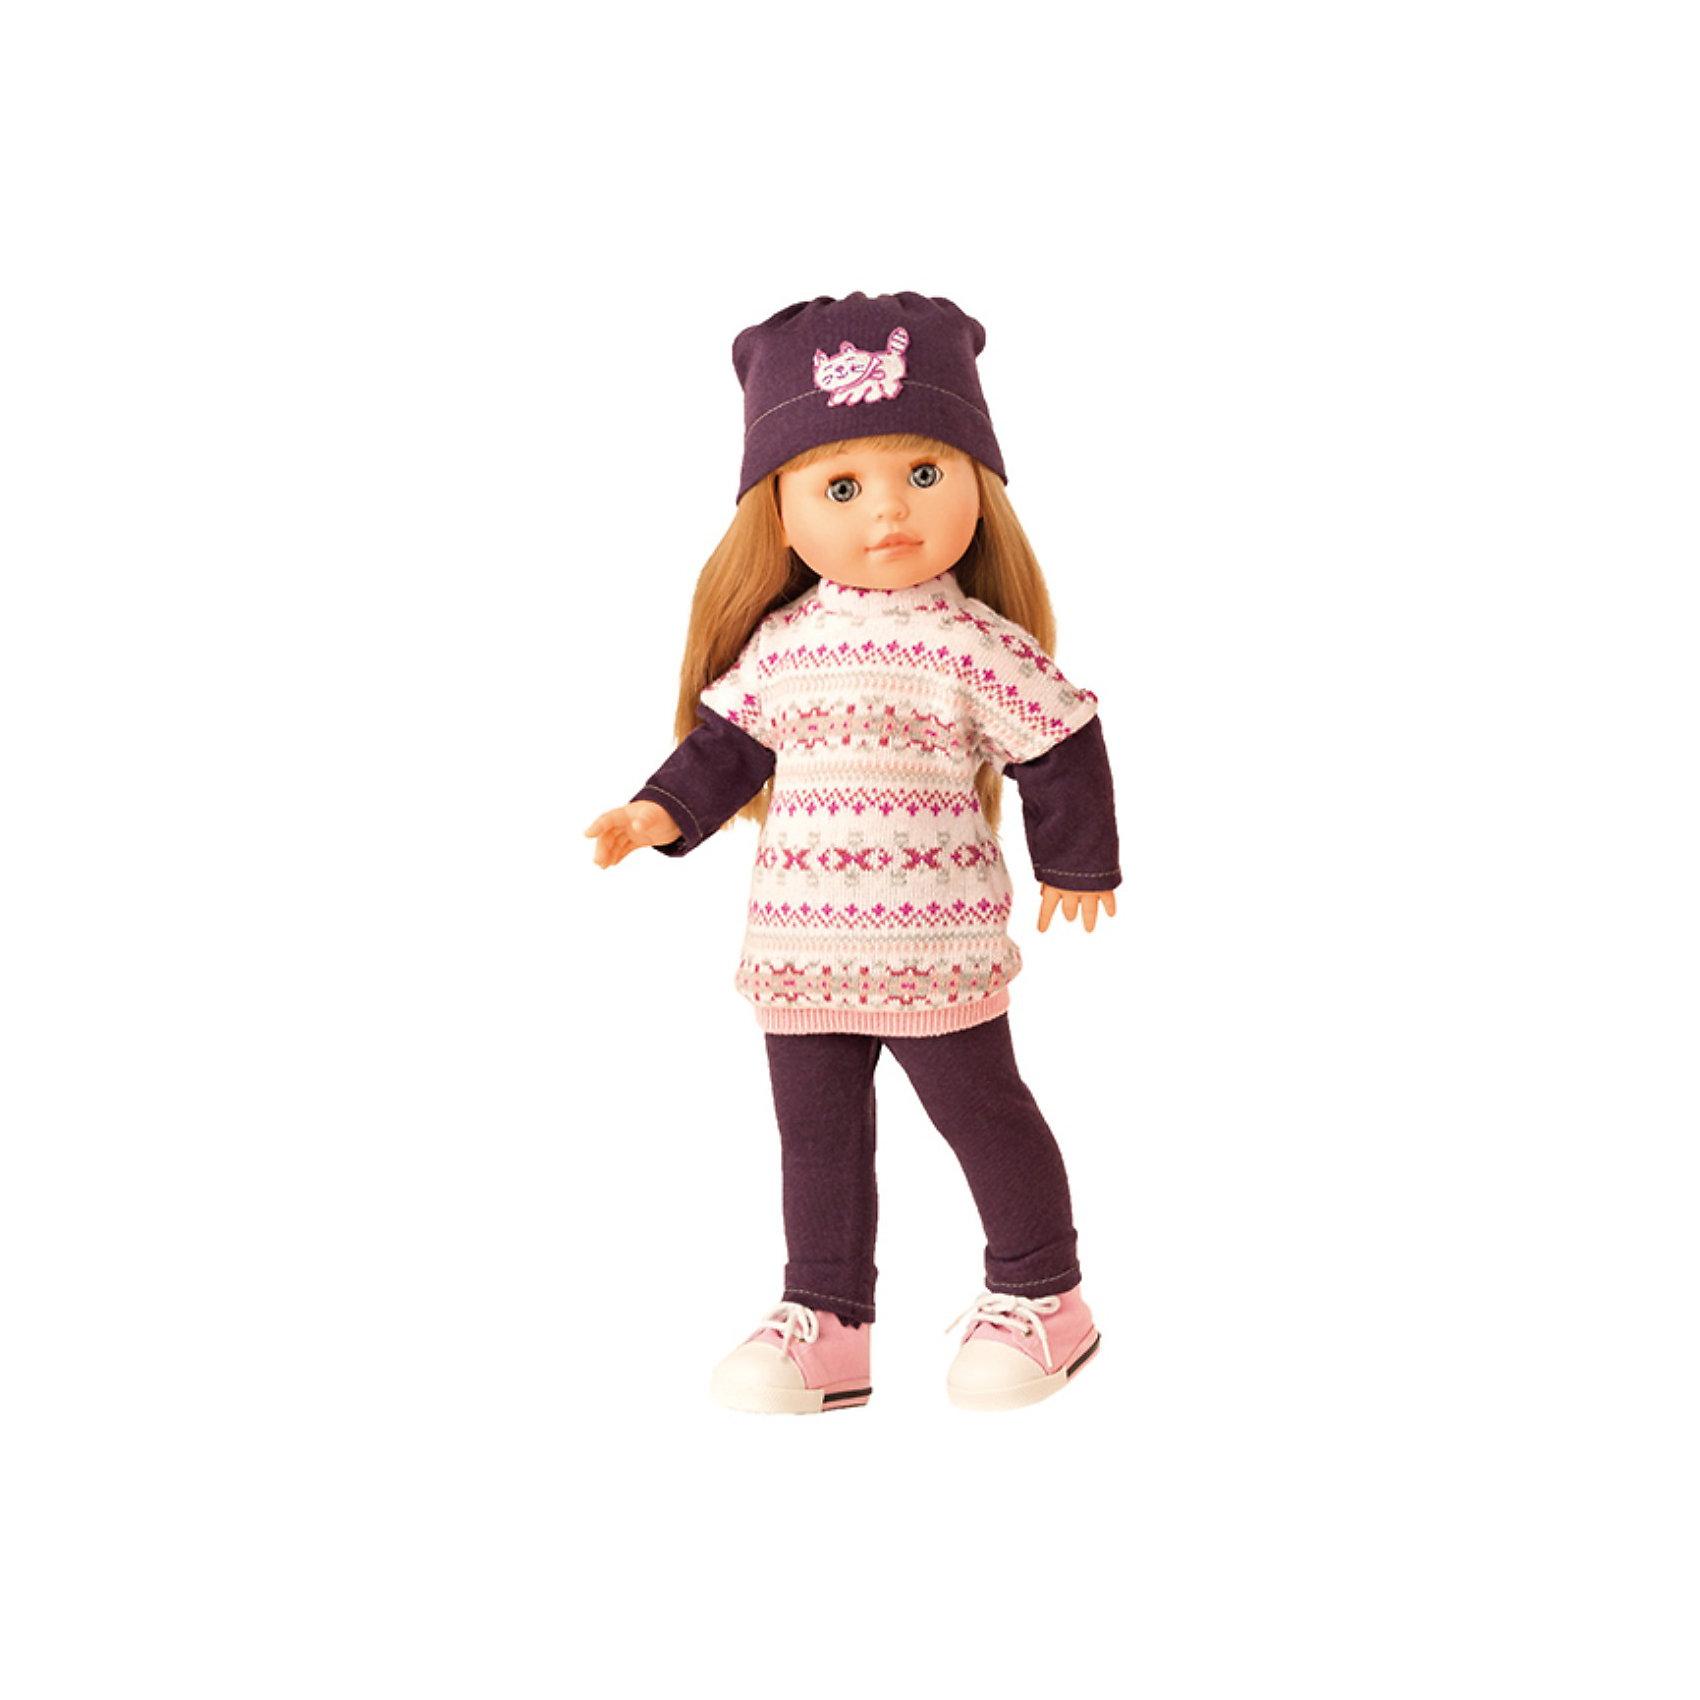 Paola Reina Кукла Маша, 40 см, Paola Reina кукла пупс без одежды девочка европейка 22см paola reina